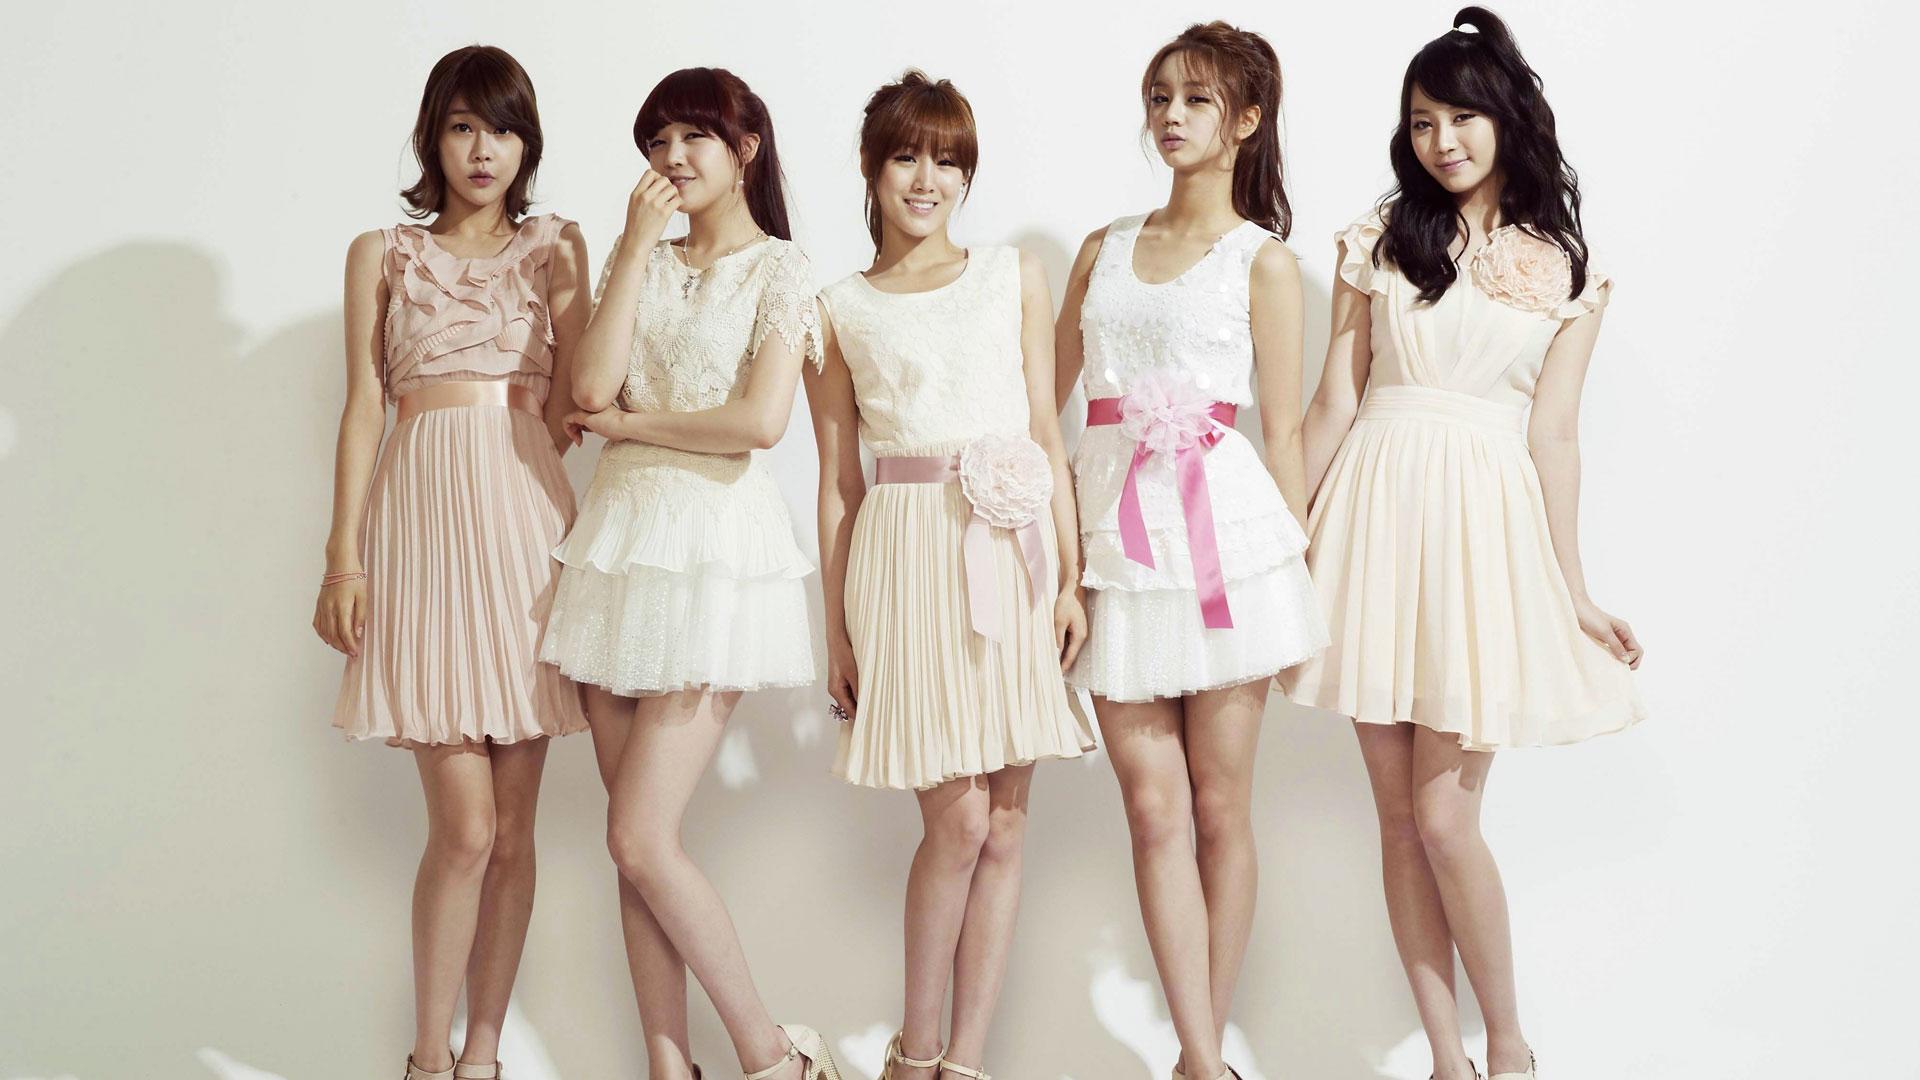 Girls Day  Music Fanart  Fanarttv-7829